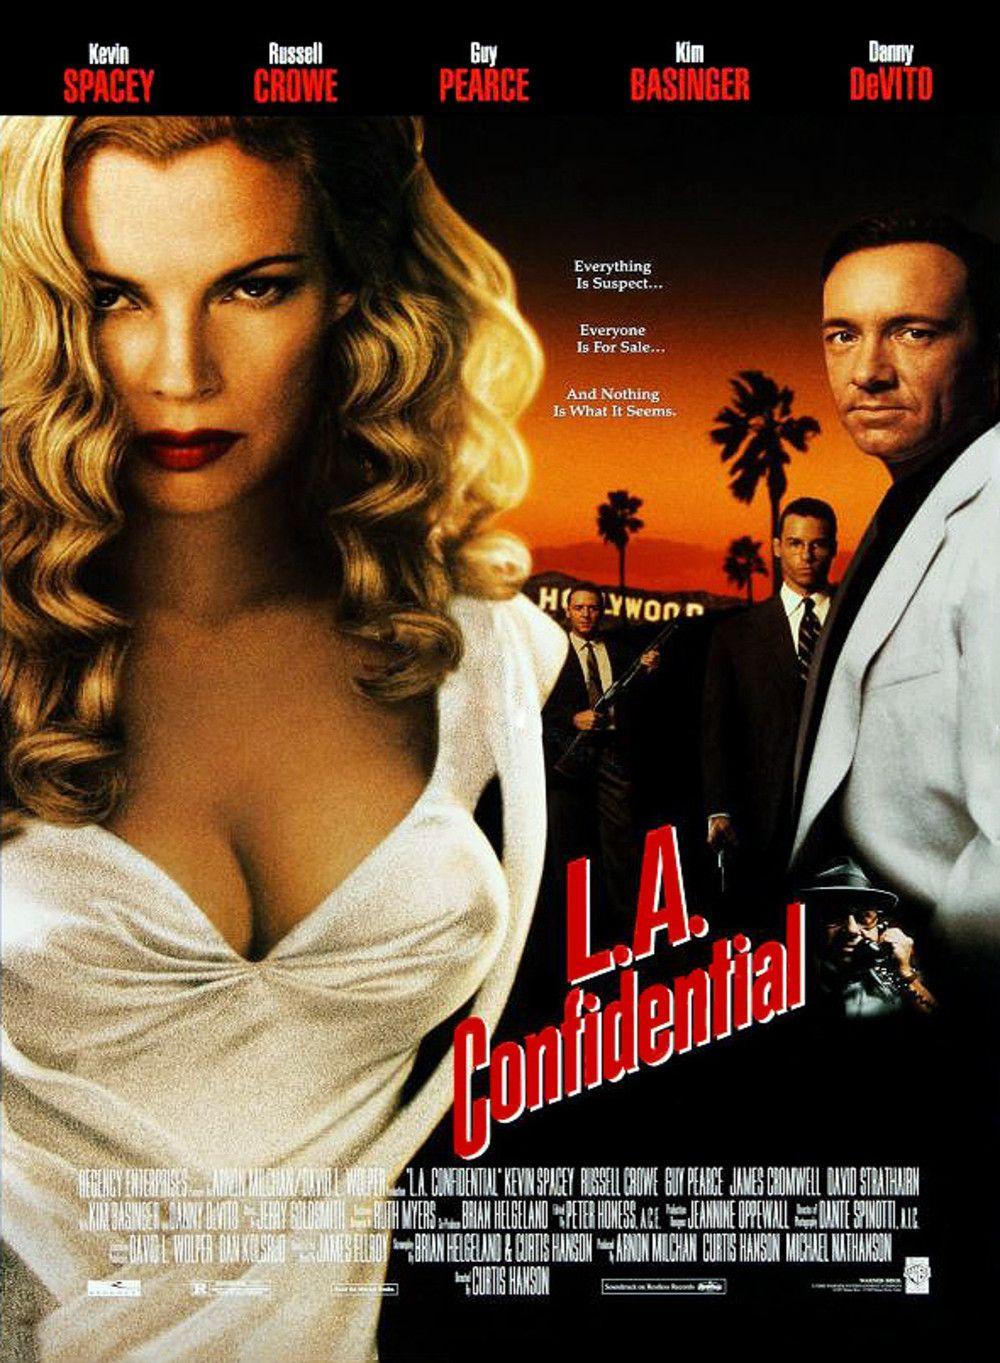 Le topic du cinéma ; le dernier film que vous avez vu ? - Page 22 L_A_Confidential